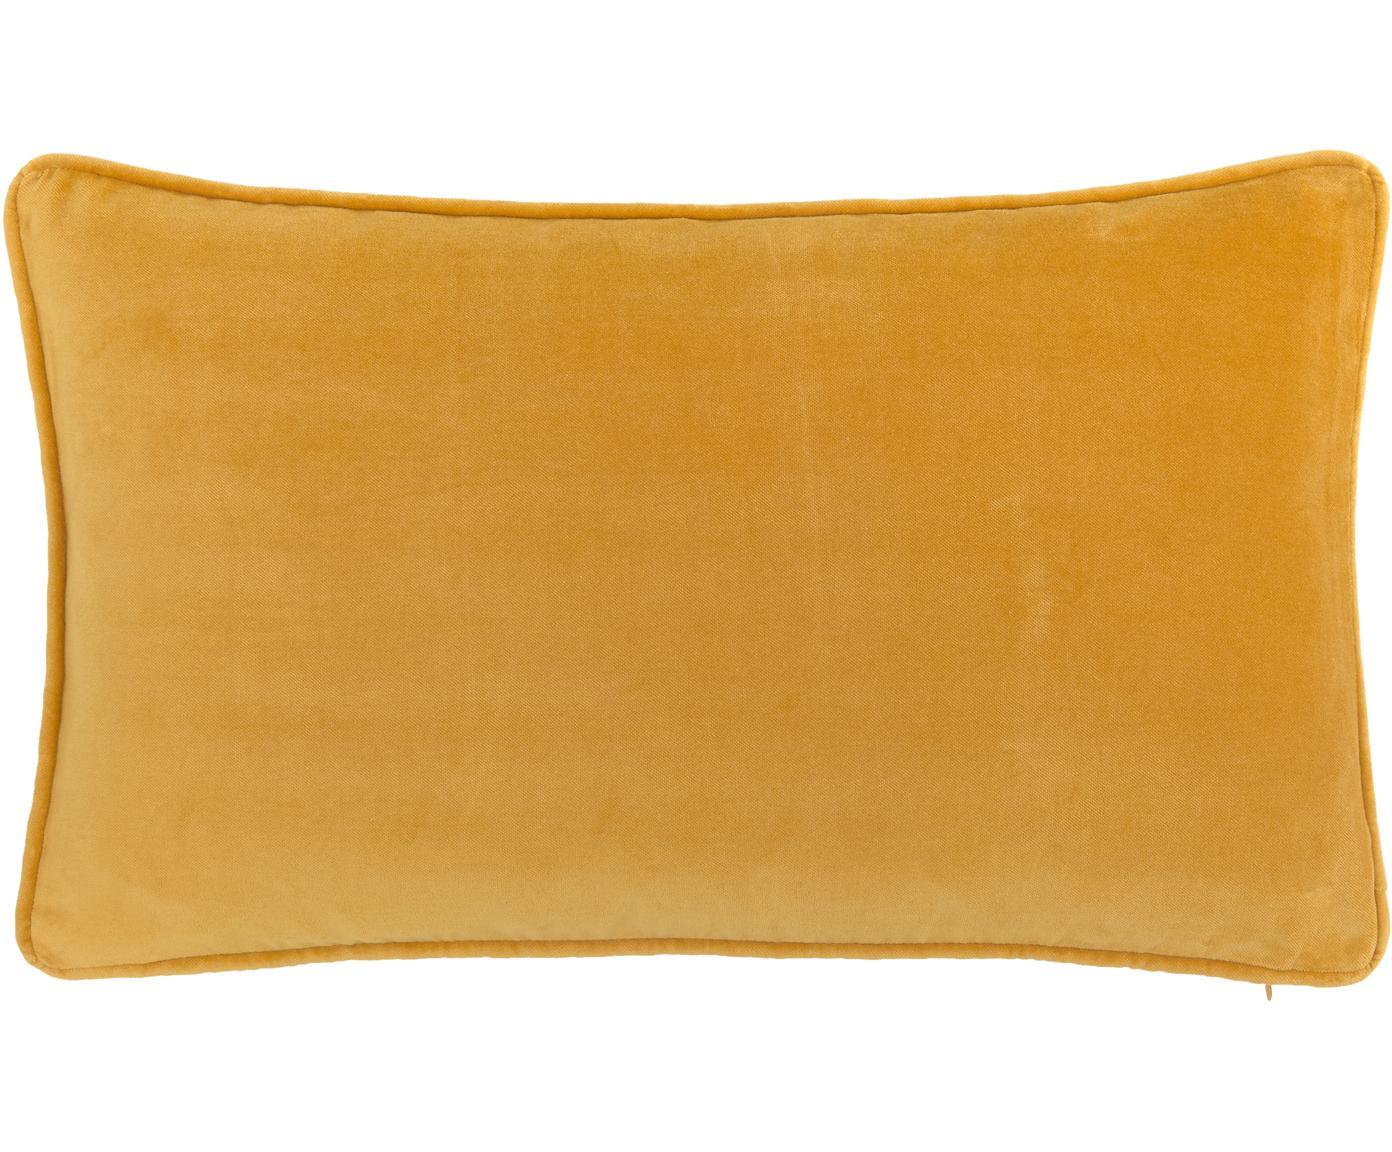 Federa arredo in velluto in giallo ocra Dana, Velluto di cotone, Ocra, Larg. 30 x Lung. 50 cm